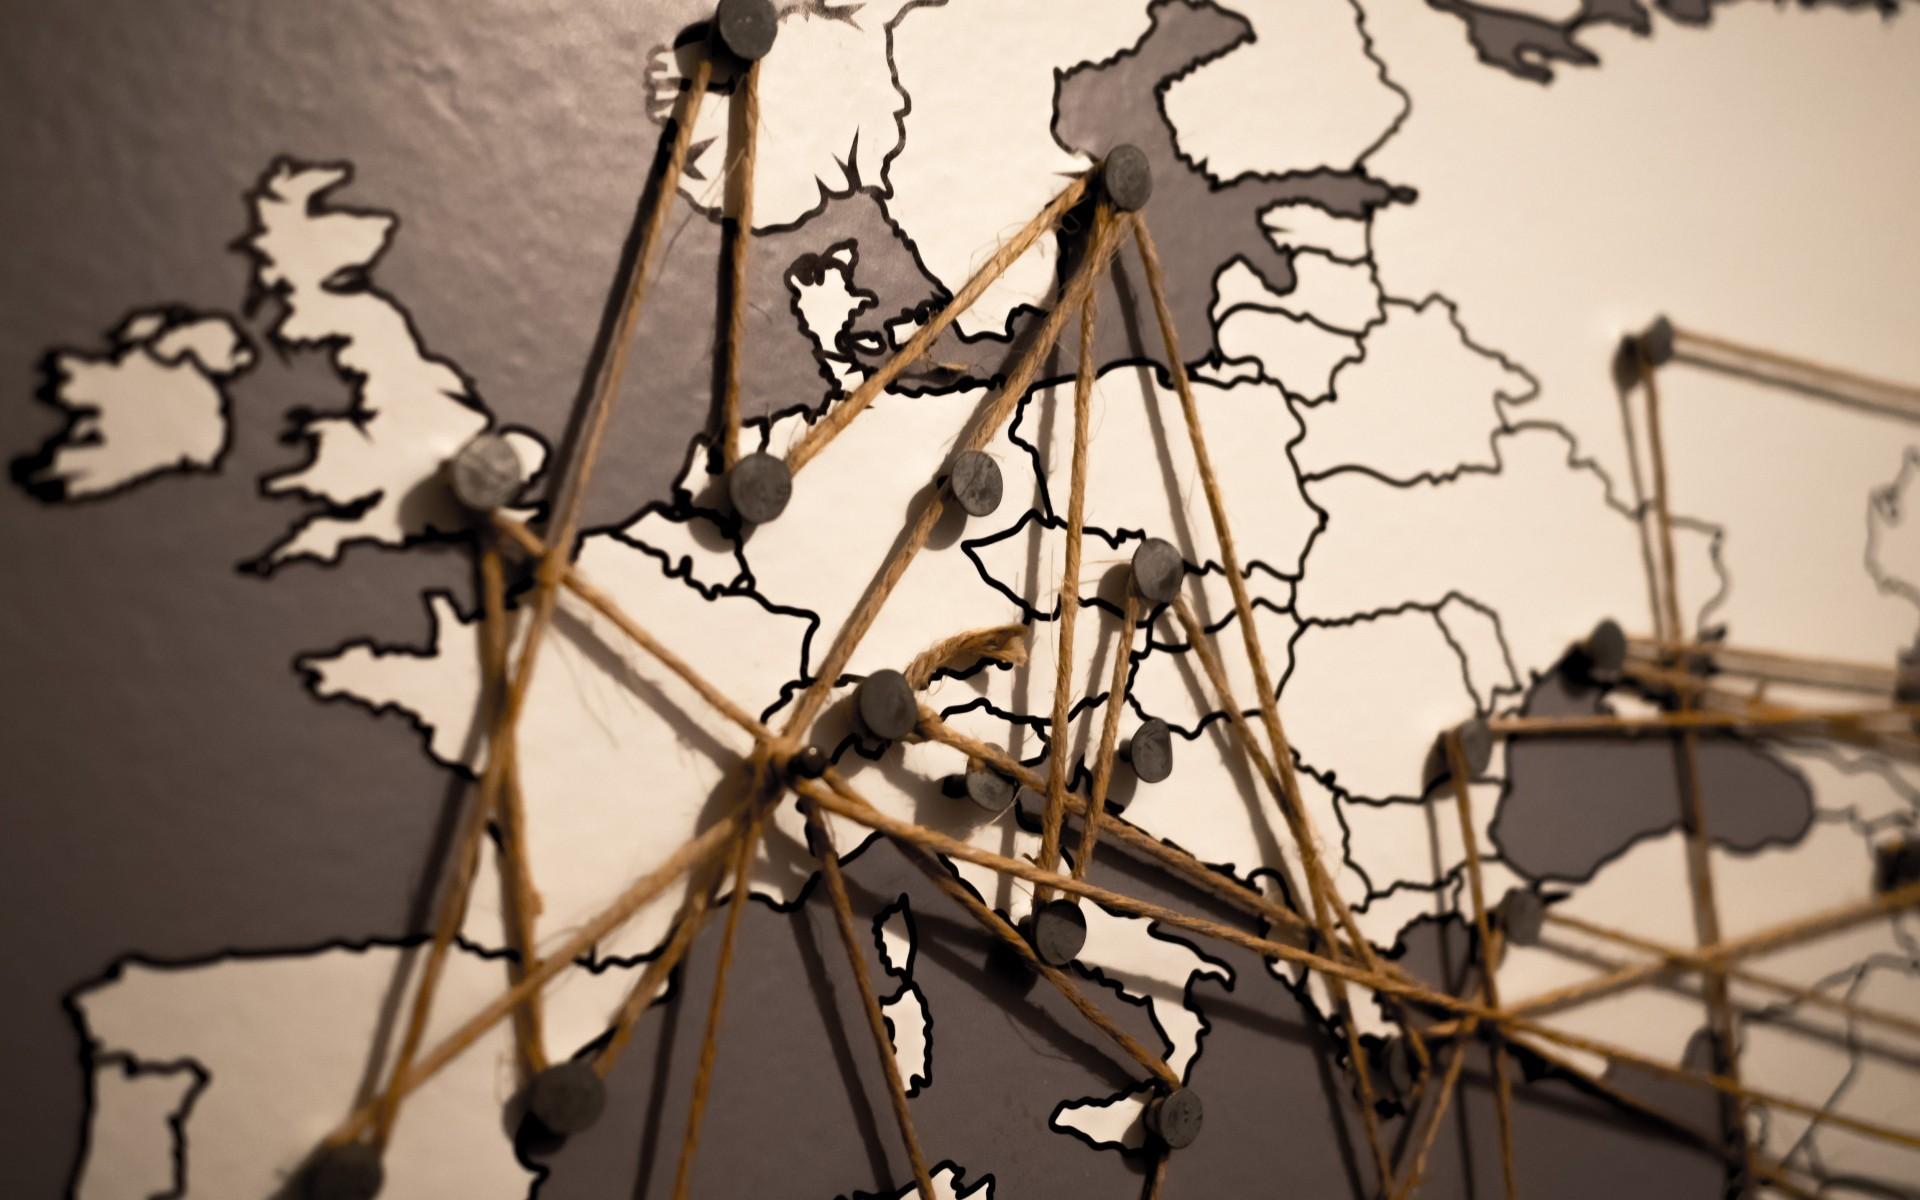 world map mural wallpaper